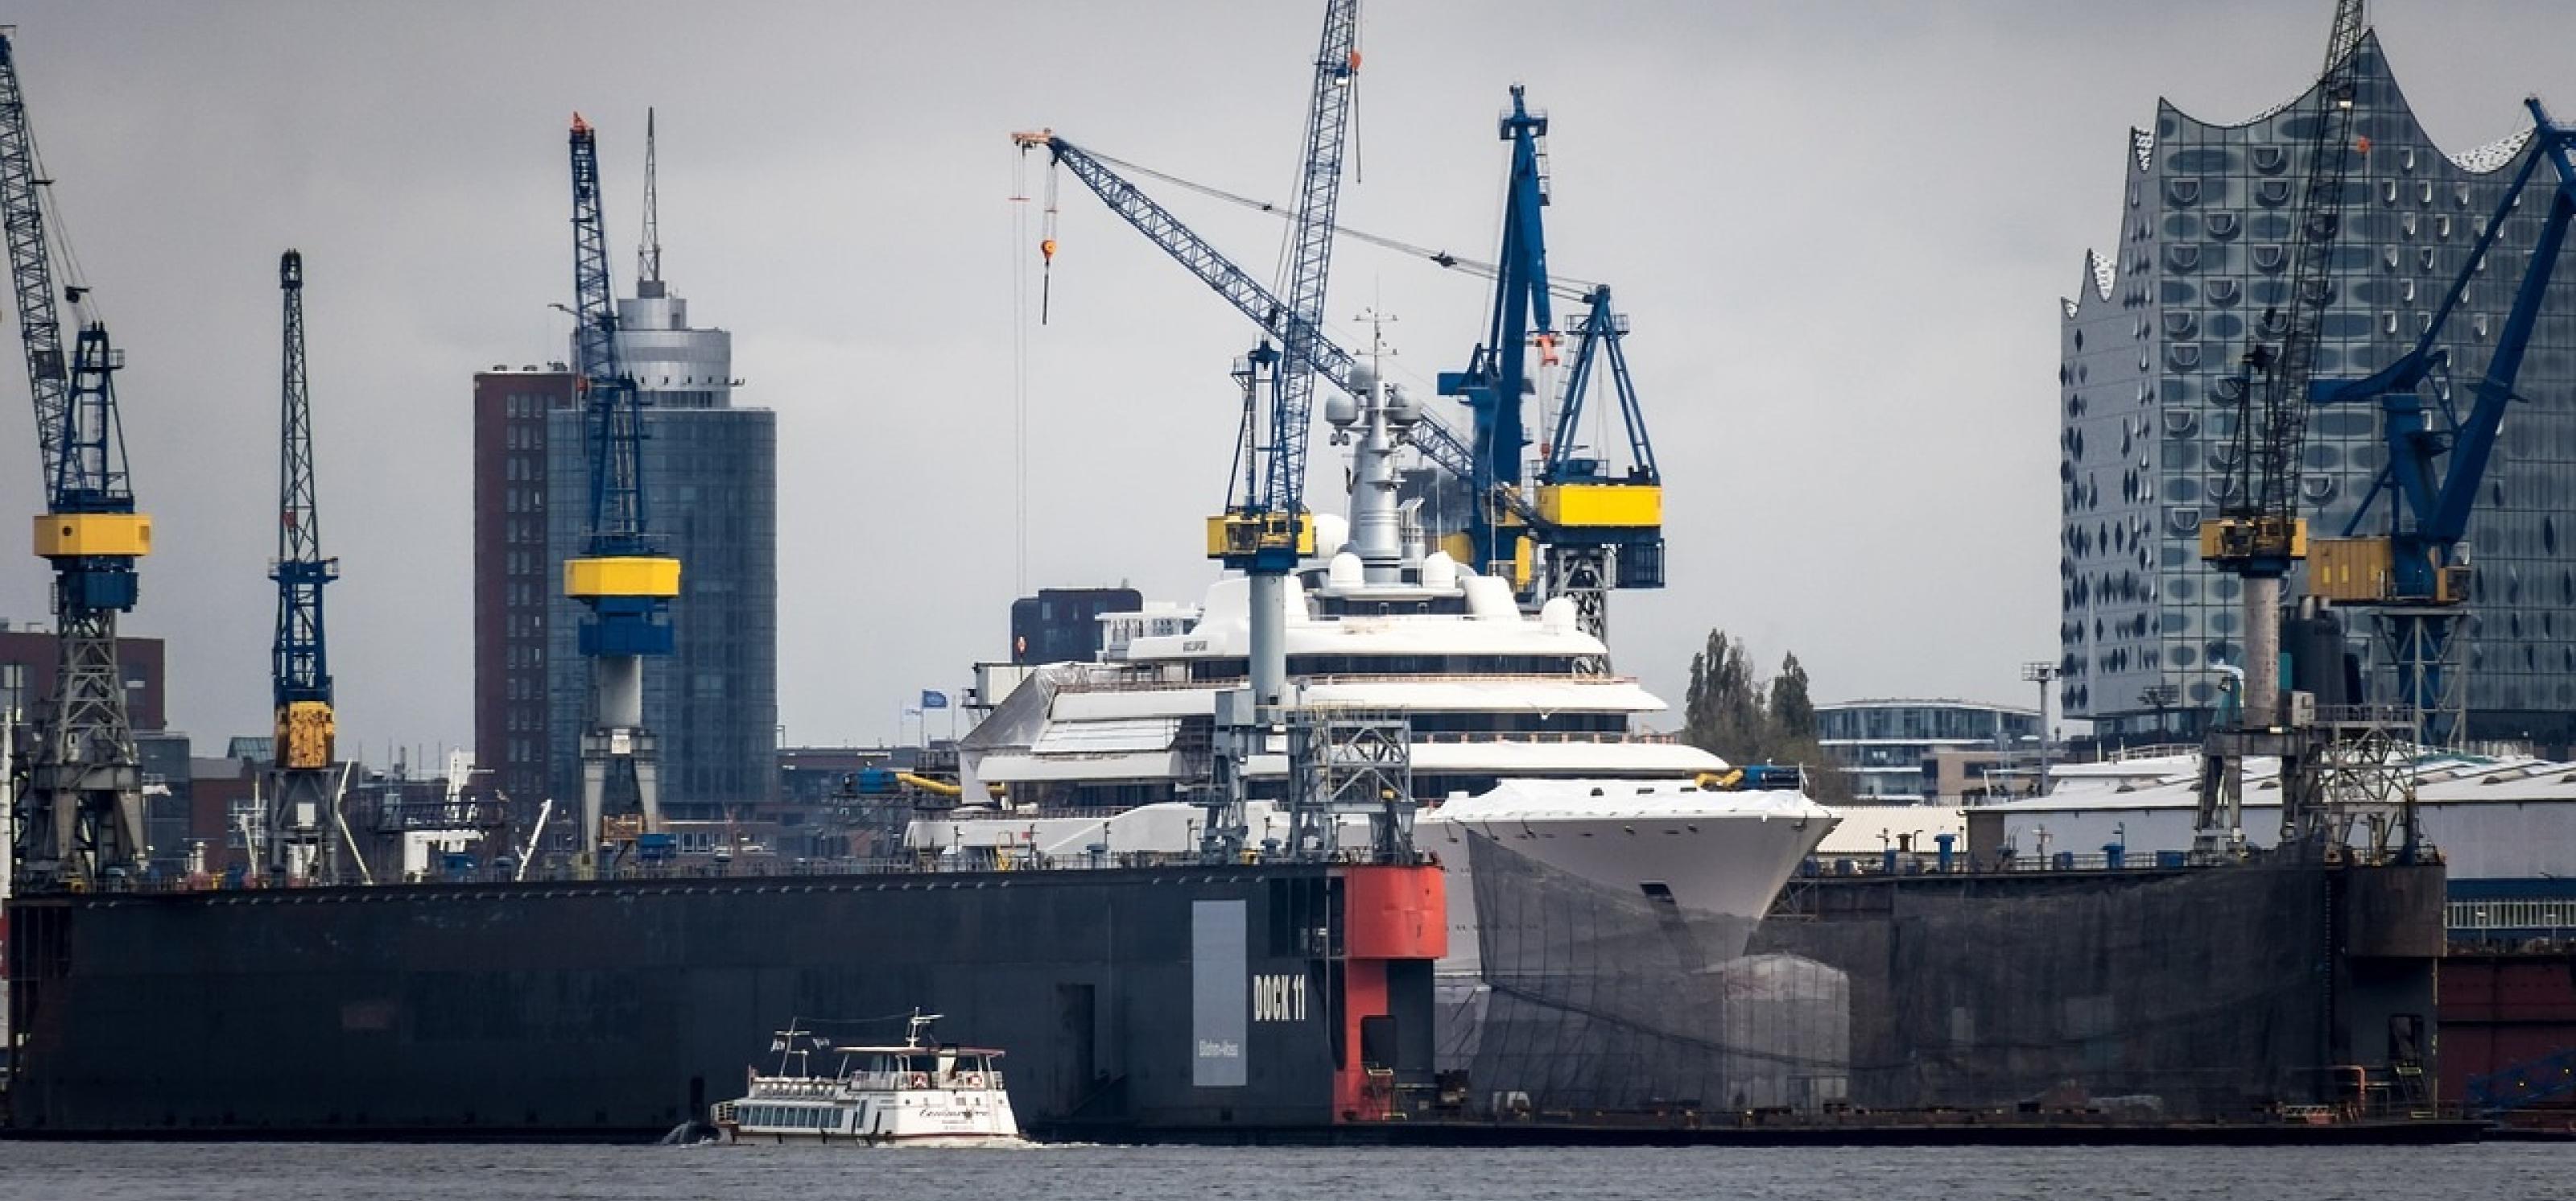 Kräne und Schiffe am Hamburger Hafen, im Hintergrund die Elbphilharmonie